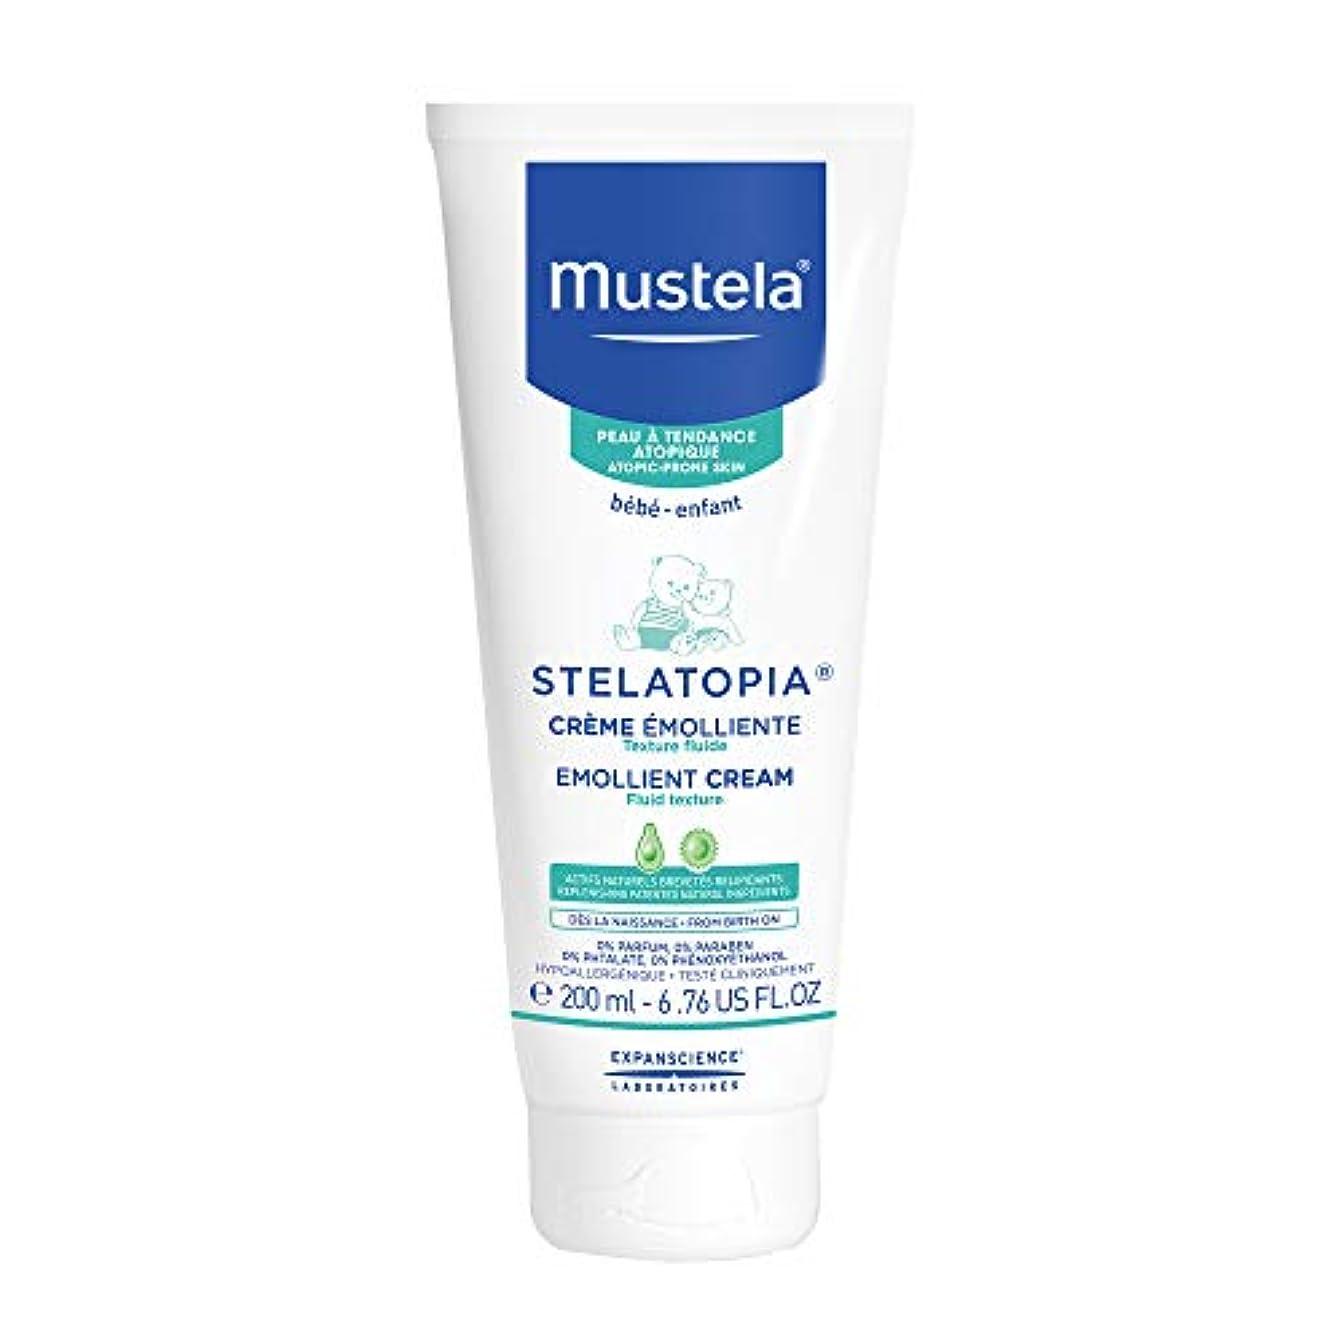 クラウン大通り問い合わせMustela - Stelatopia Emollient Cream (6.76 oz.)